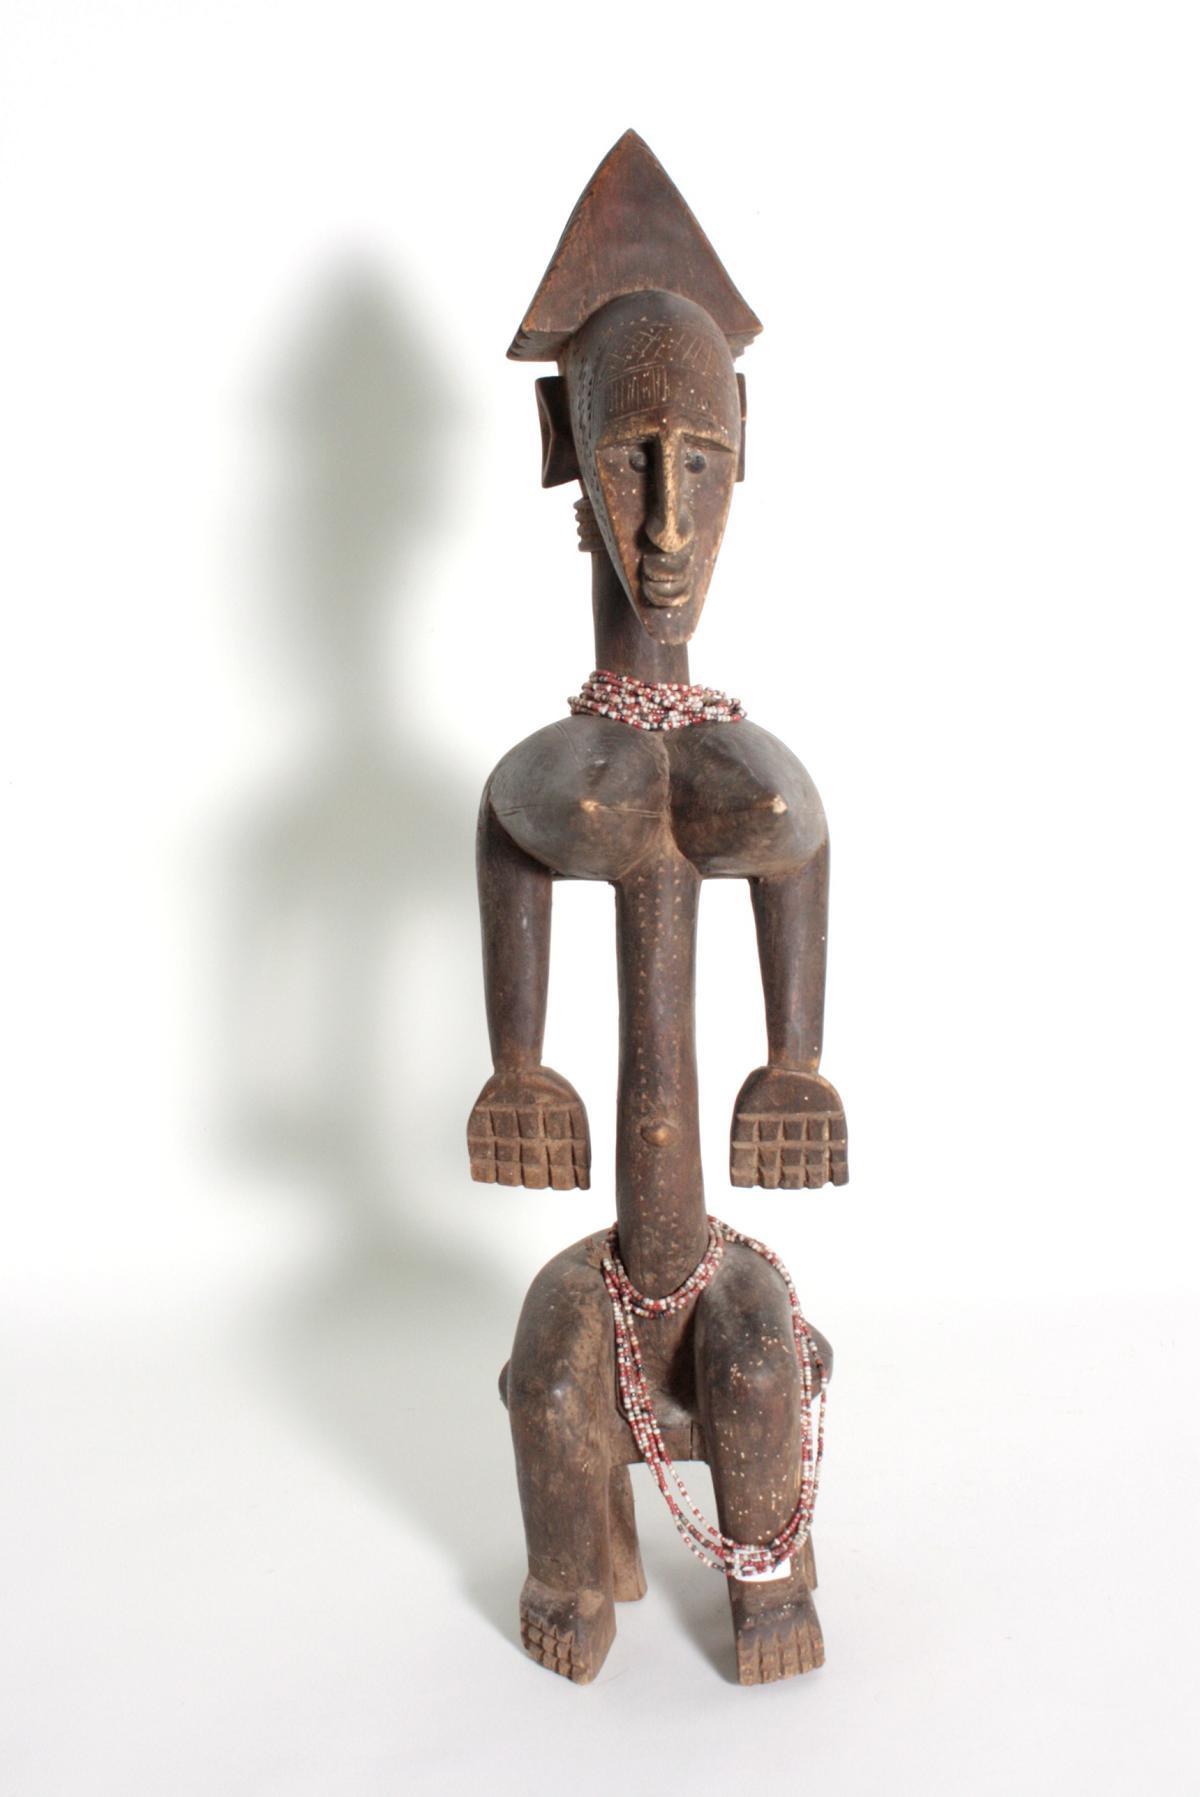 Bambara/Mali, sitzende weibliche Figur, 1. Hälfte 20. Jh.Holz, dunkelbraune Patina, sitzende Frau